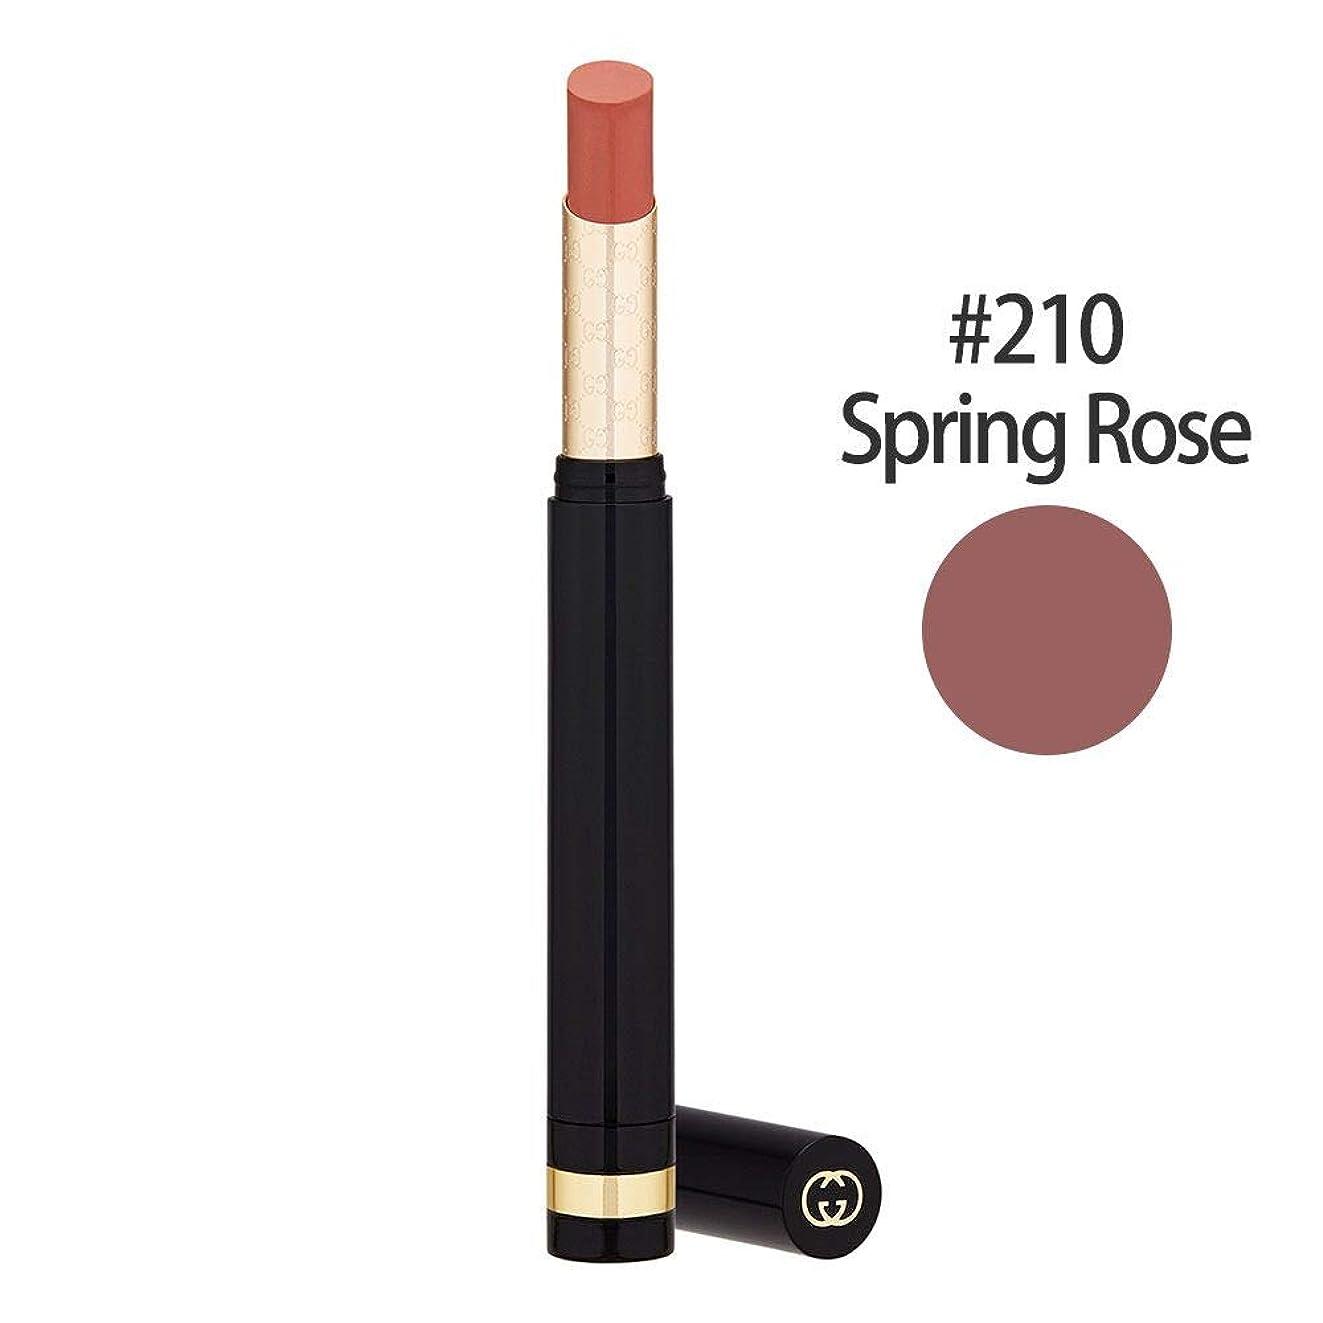 講義もつれ上昇グッチ(GUCCI) センシュアスディープマット リップスティック #210(Spring Rose) 1.5g [並行輸入品]